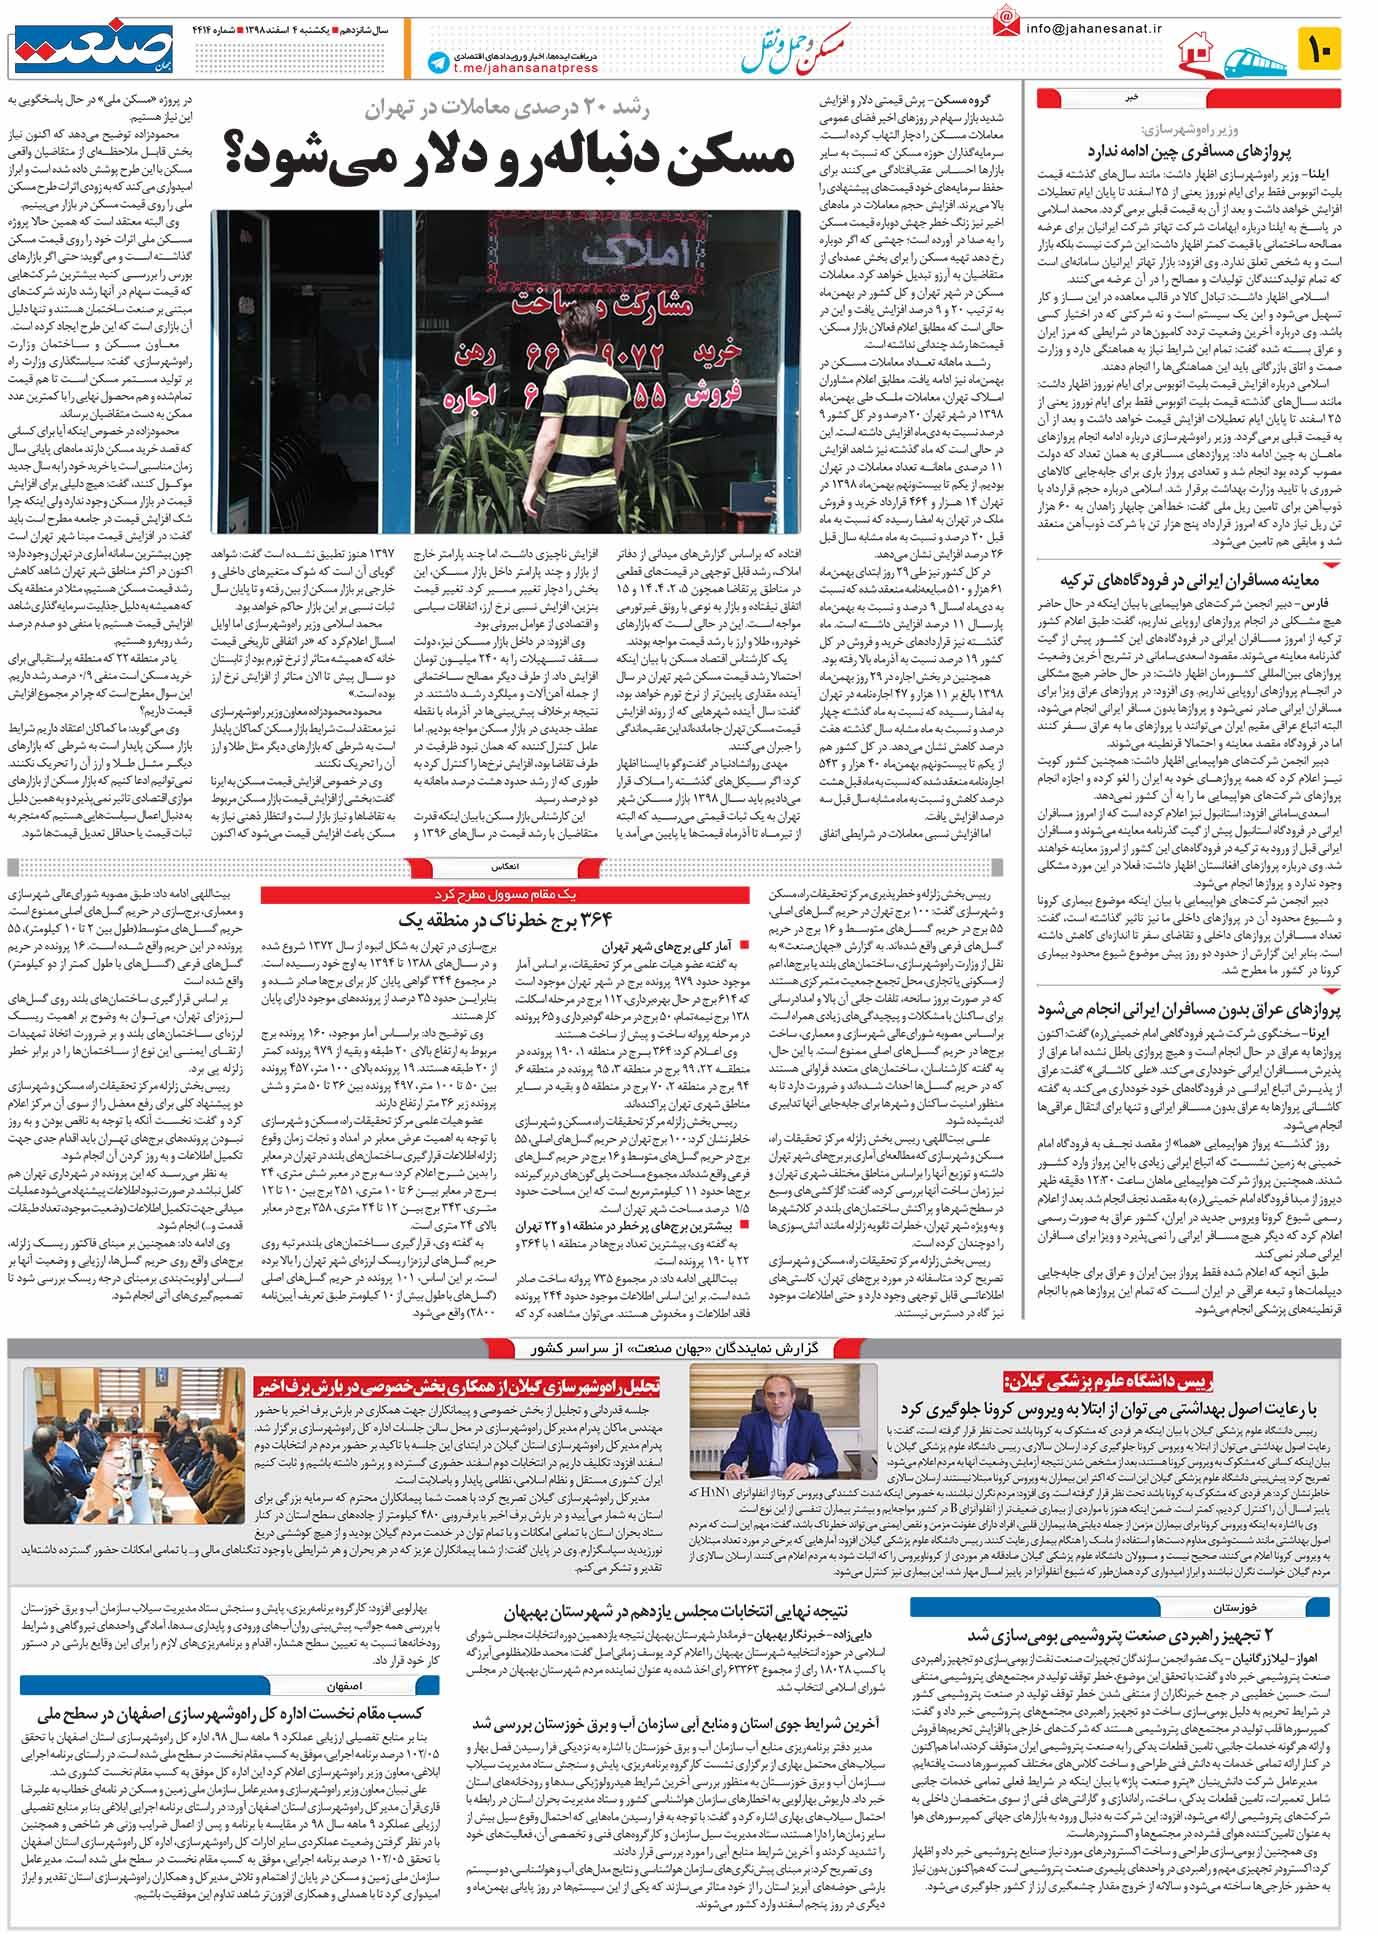 صفحه ۱۰- ۰۴ اسفند ۱۳۹۸